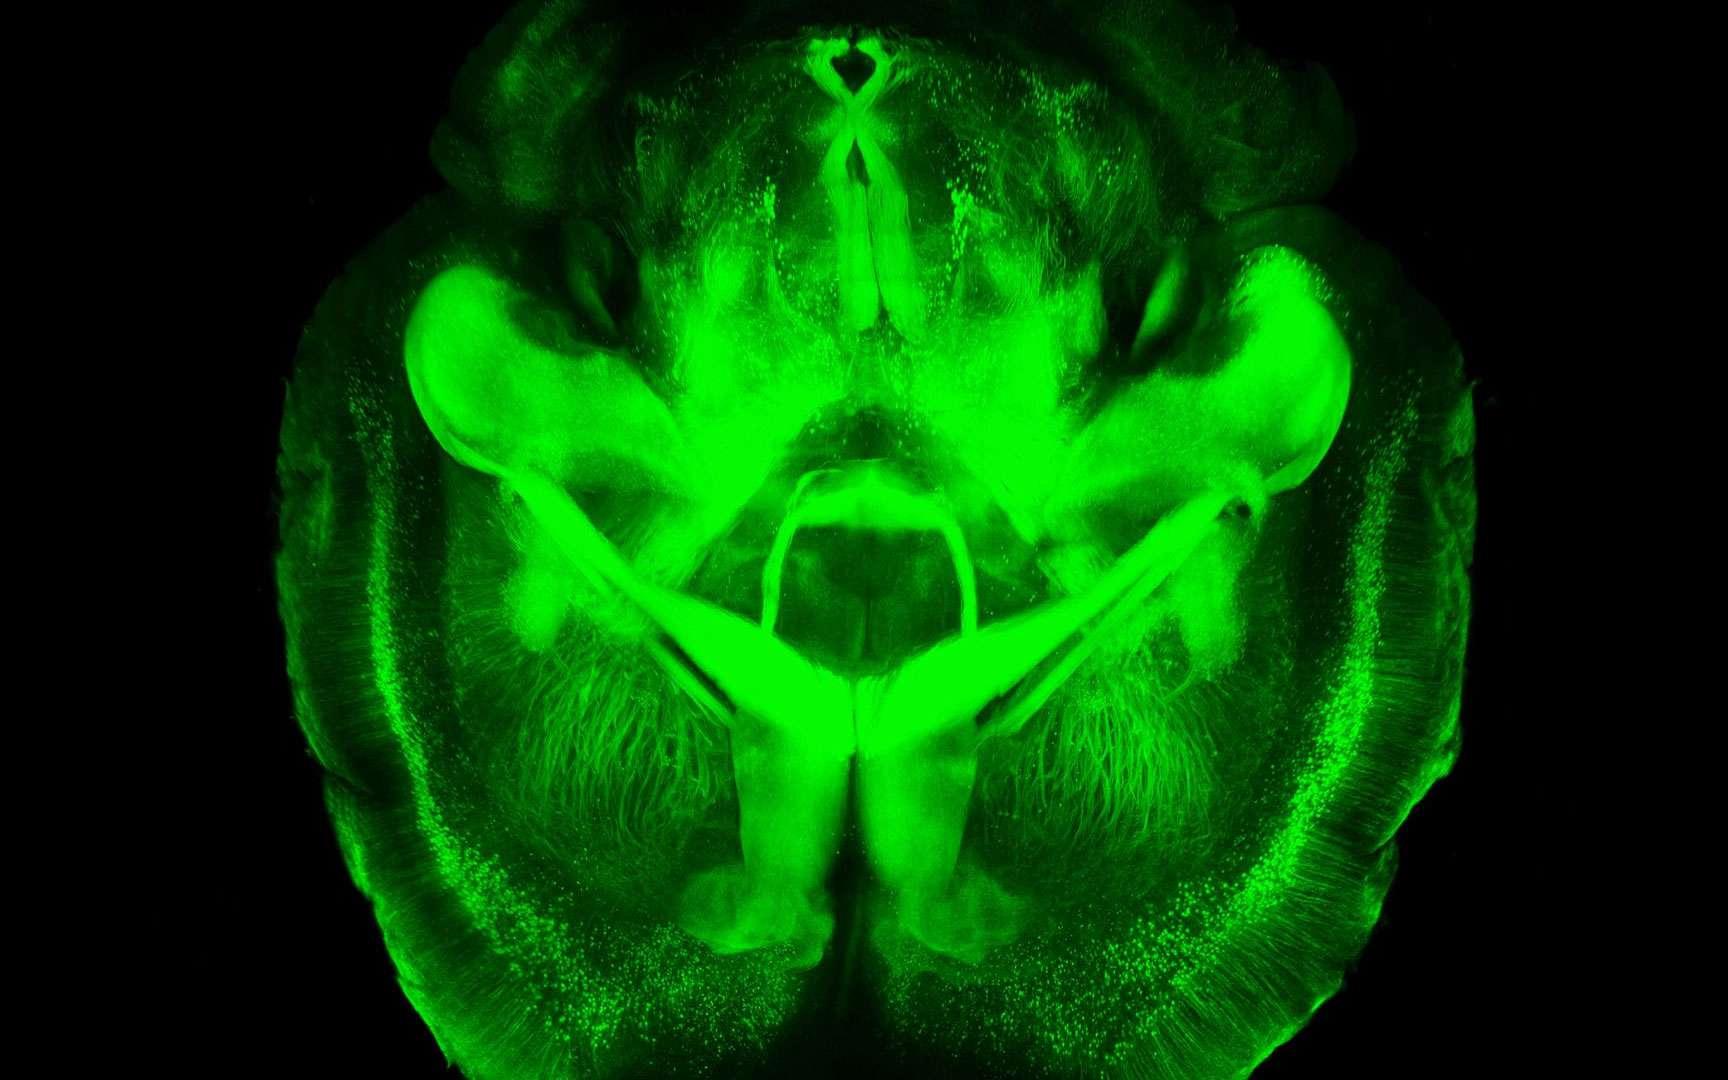 Un cerveau de souris transparent. Des chercheurs de l'université Stanford, aux États-Unis, ont rendu transparent le cerveau d'une souris grâce à la technologie Clarity. Ils l'ont ensuite imprégné d'anticorps fluorescents se fixant sélectivement sur les neurones. On peut ainsi visualiser le réseau neuronal en 3D sans avoir recours à la dissection. © Stanford School of Medicine